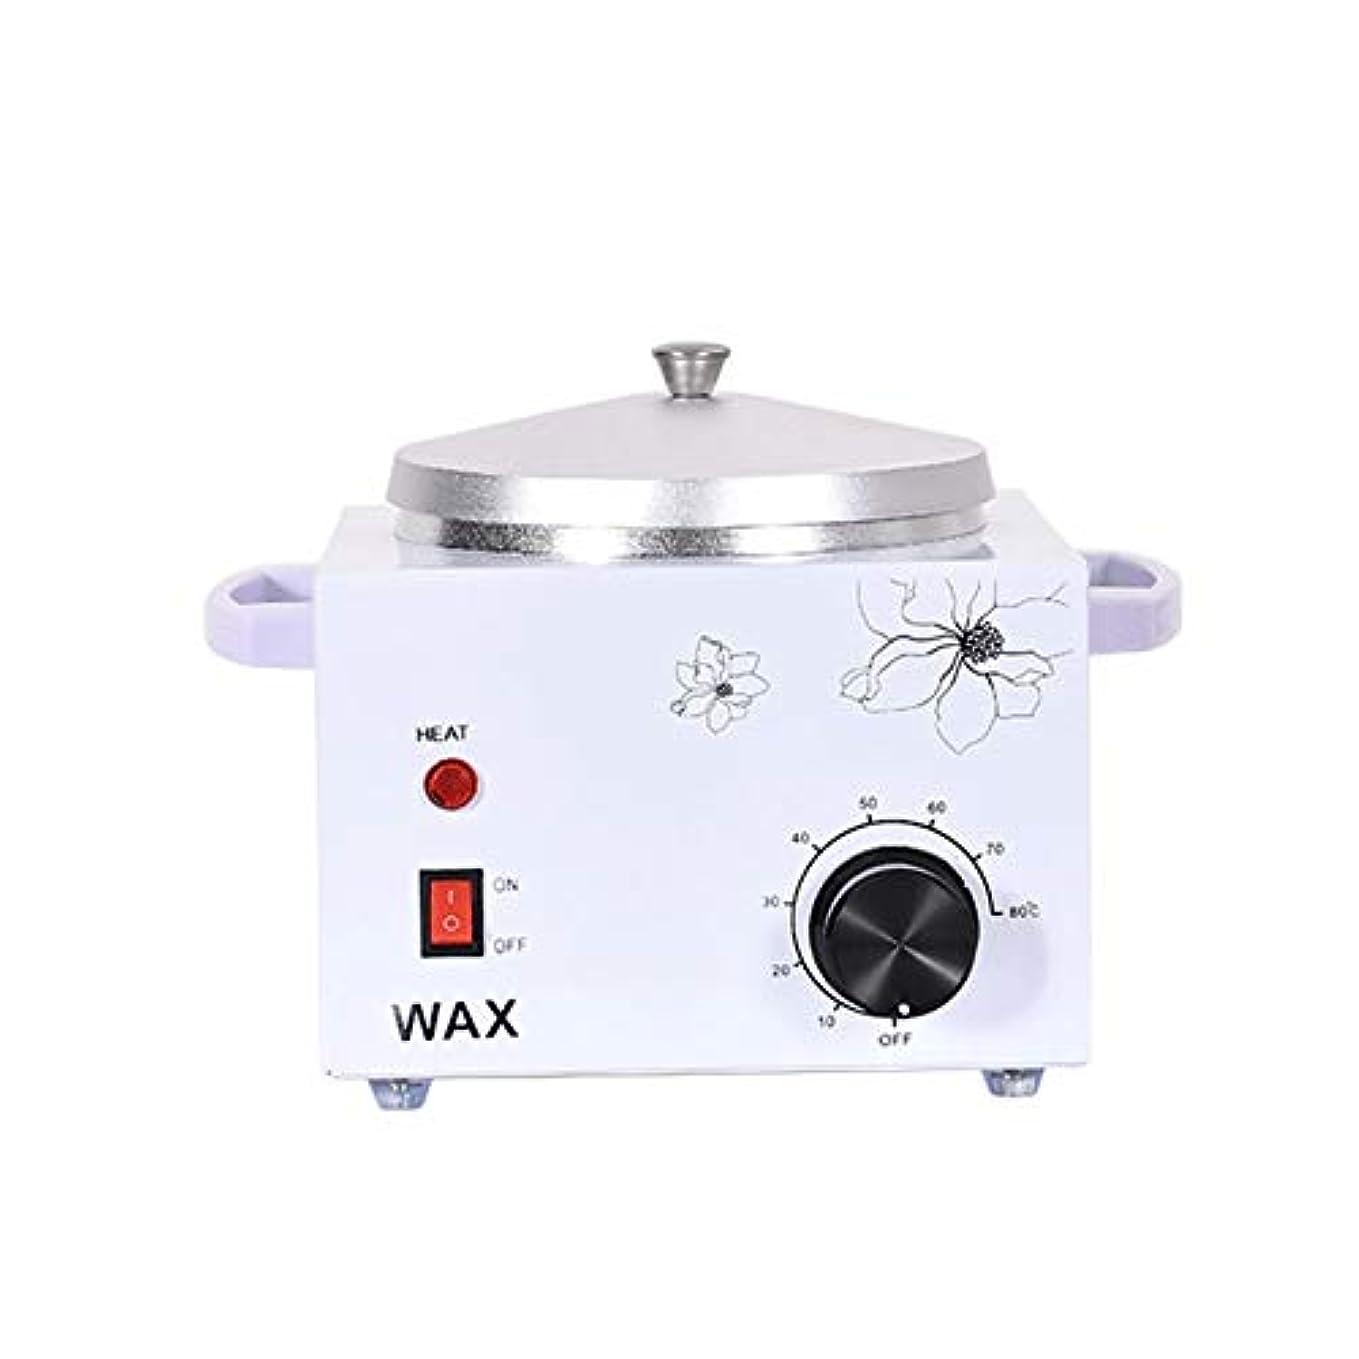 補正処方服プロフェッショナル電気ワックスウォーマーヒーター美容室ワックスポット多機能シングル口の炉内温度制御脱毛脱毛ワックスビーンヒーター600ccの